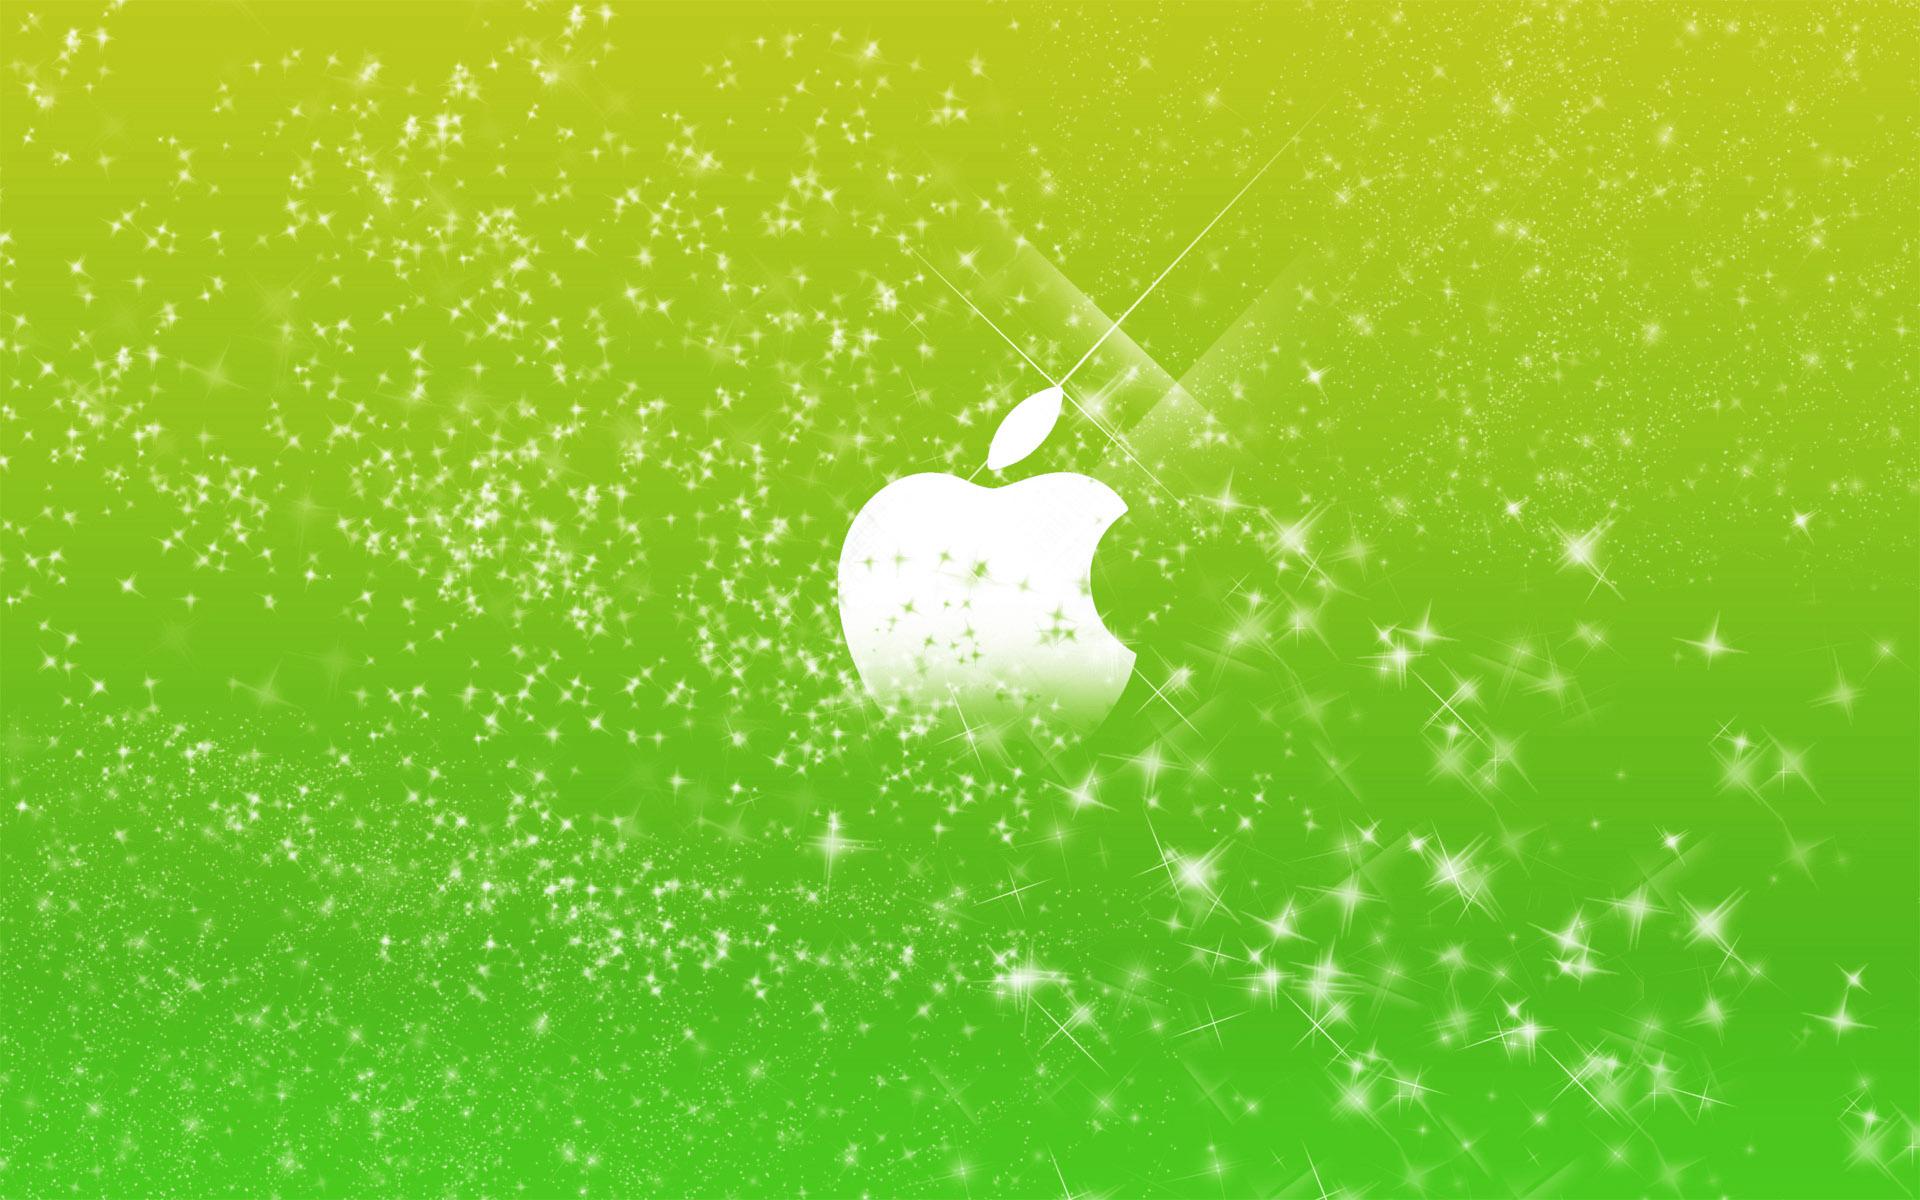 Apple Logo in Green Glitters Wallpapers HD Wallpapers 1920x1200